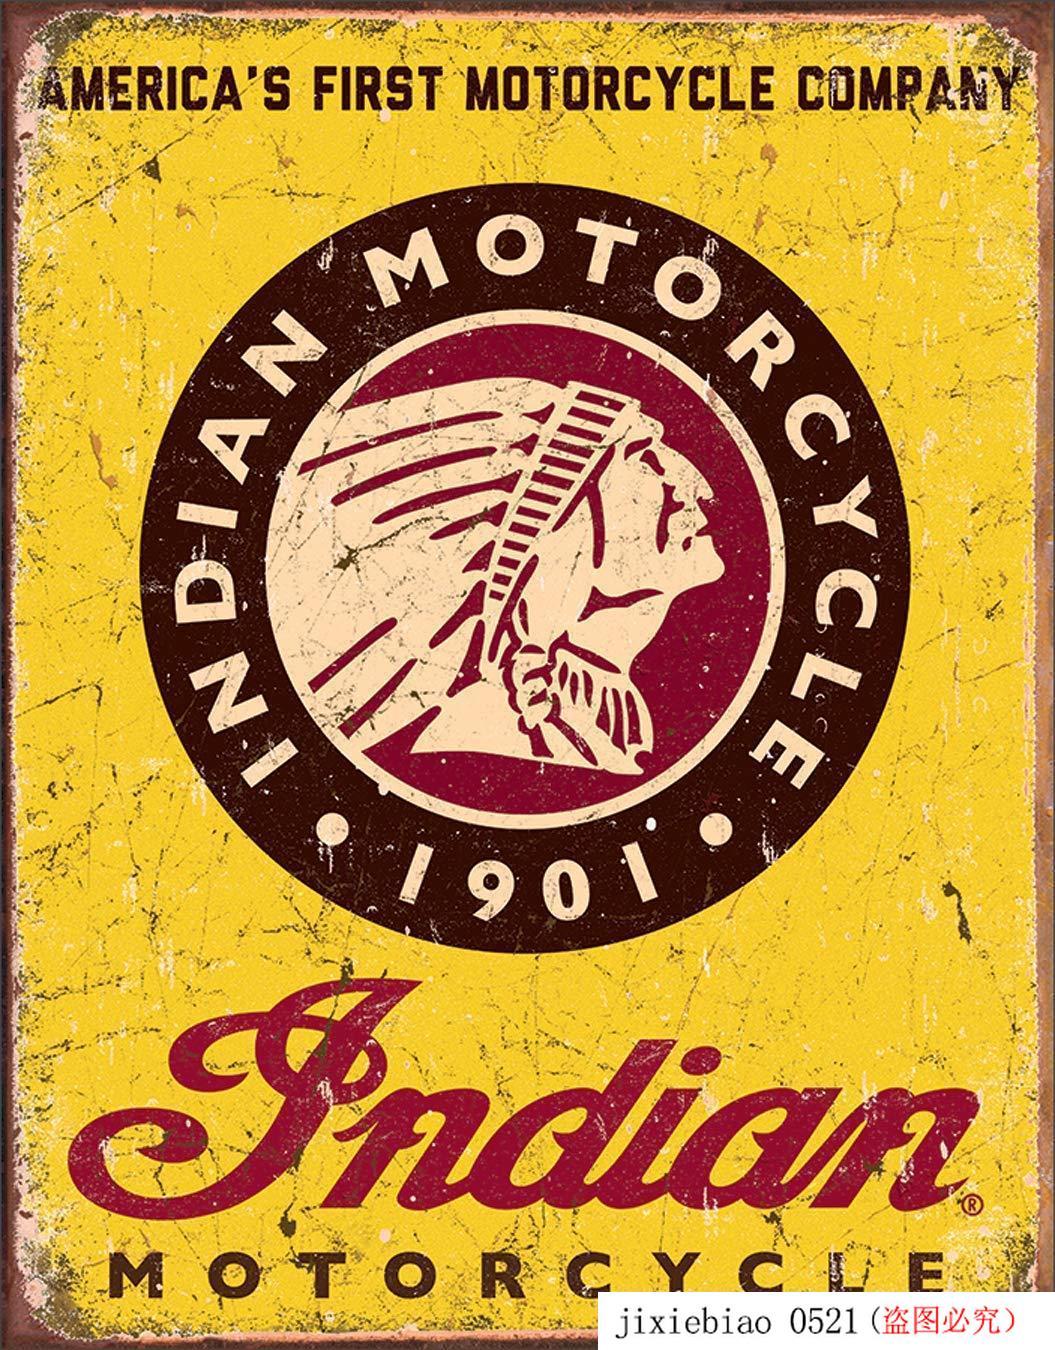 """Empresas desesperadas motocicleta indiana desde 1901 estanho sinal, 12.5 """"w x 16"""" h"""